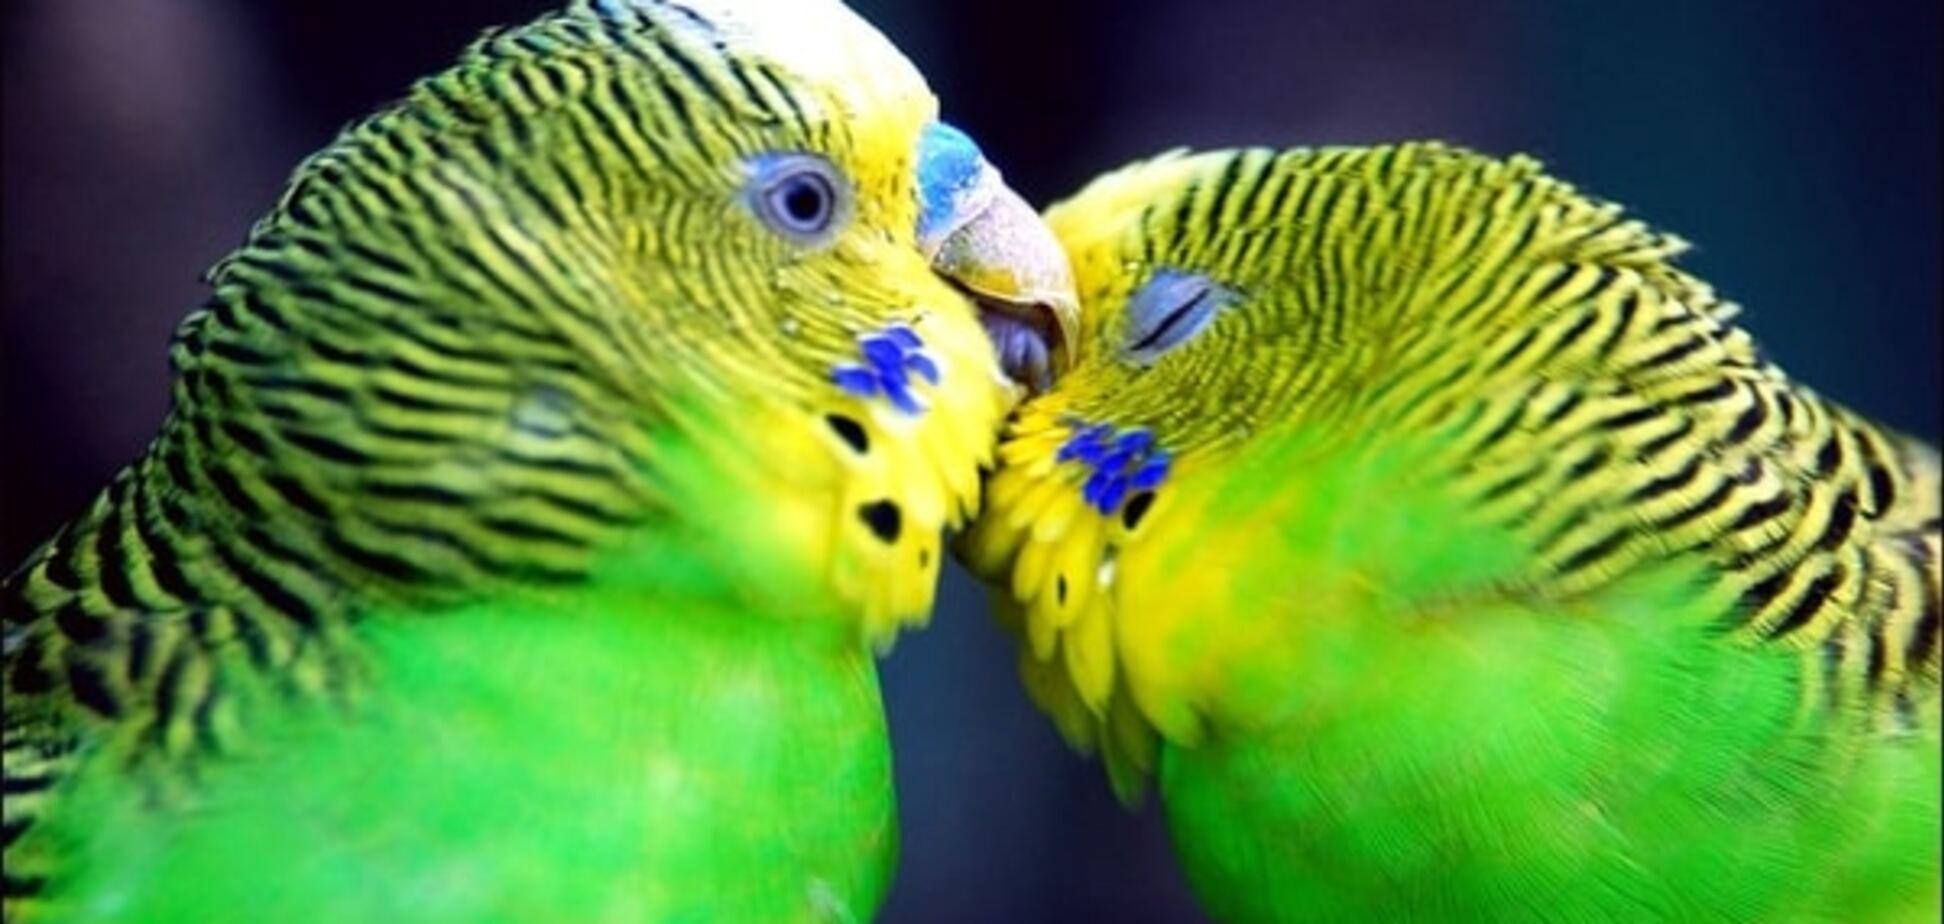 Нехитрая наука: птицы помогли биологам понять, что такое любовь